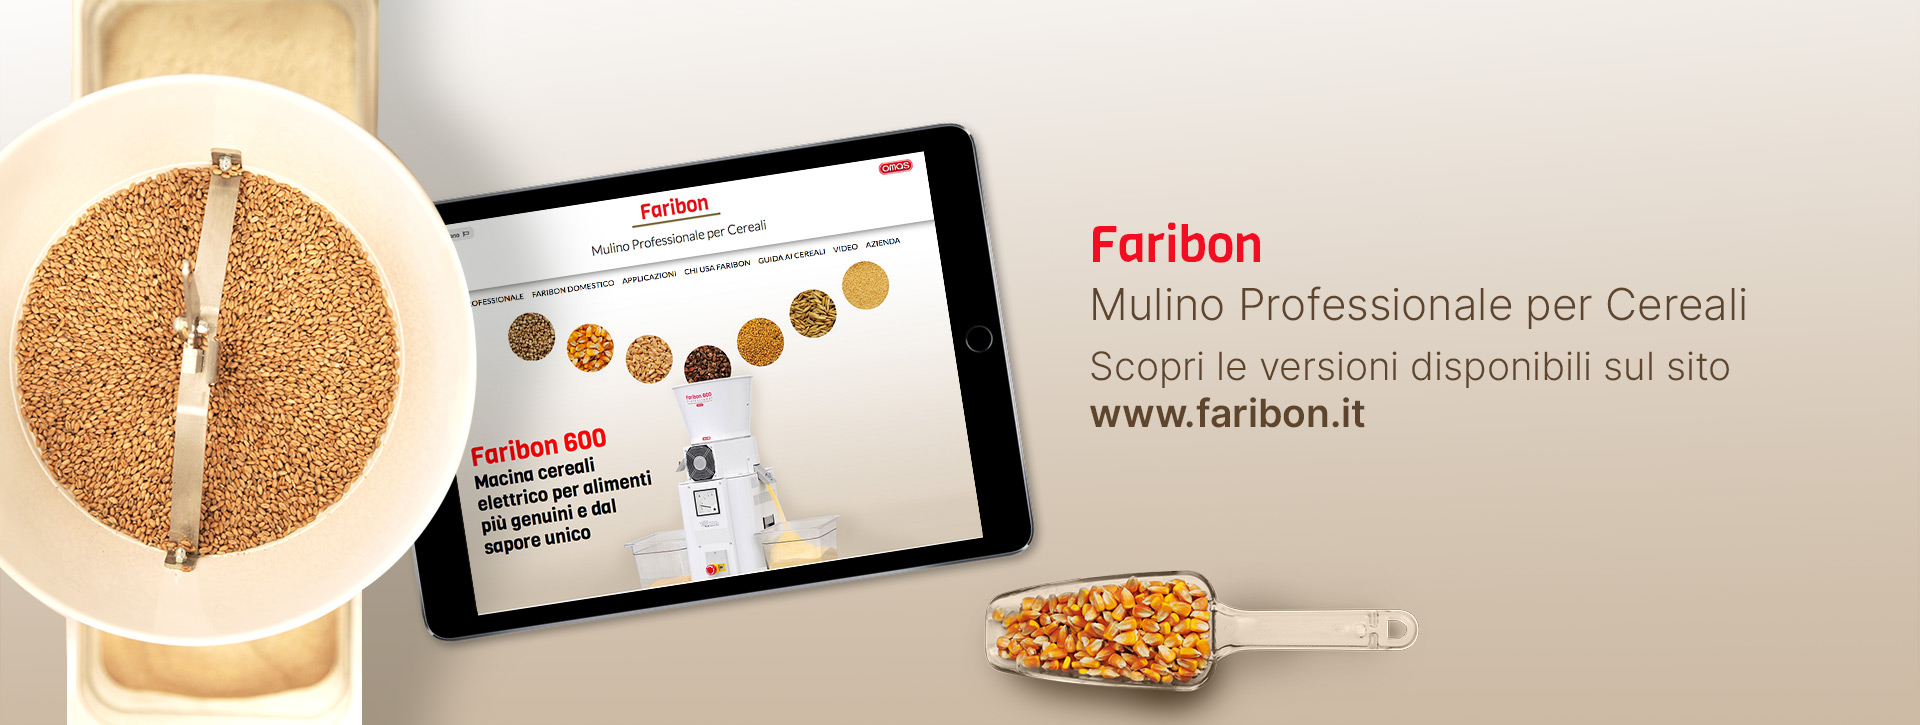 Faribon